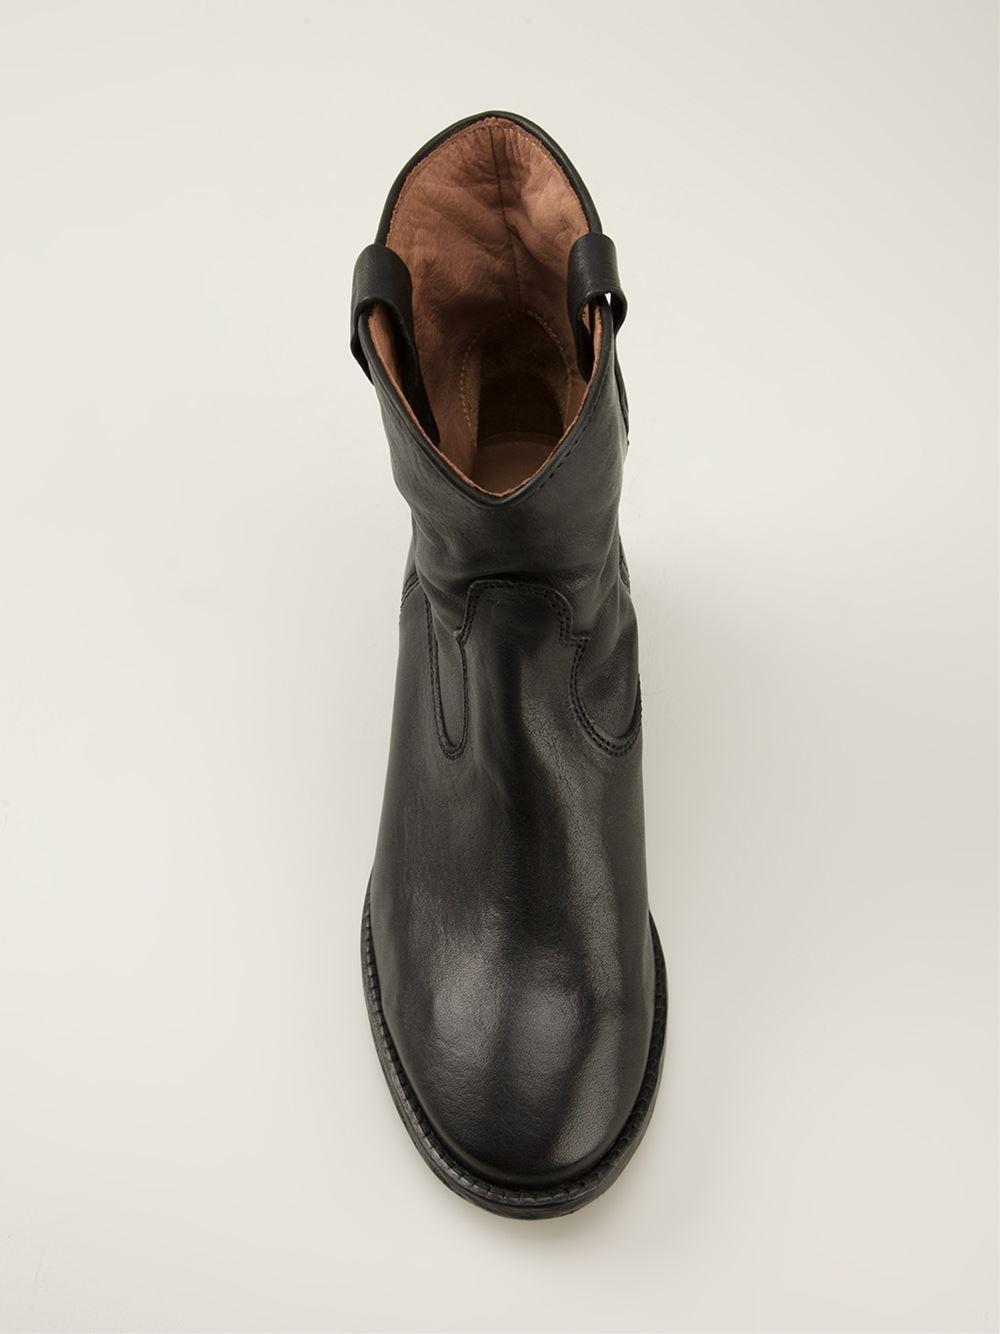 isabel marant 39 cluster 39 ankle boots. Black Bedroom Furniture Sets. Home Design Ideas